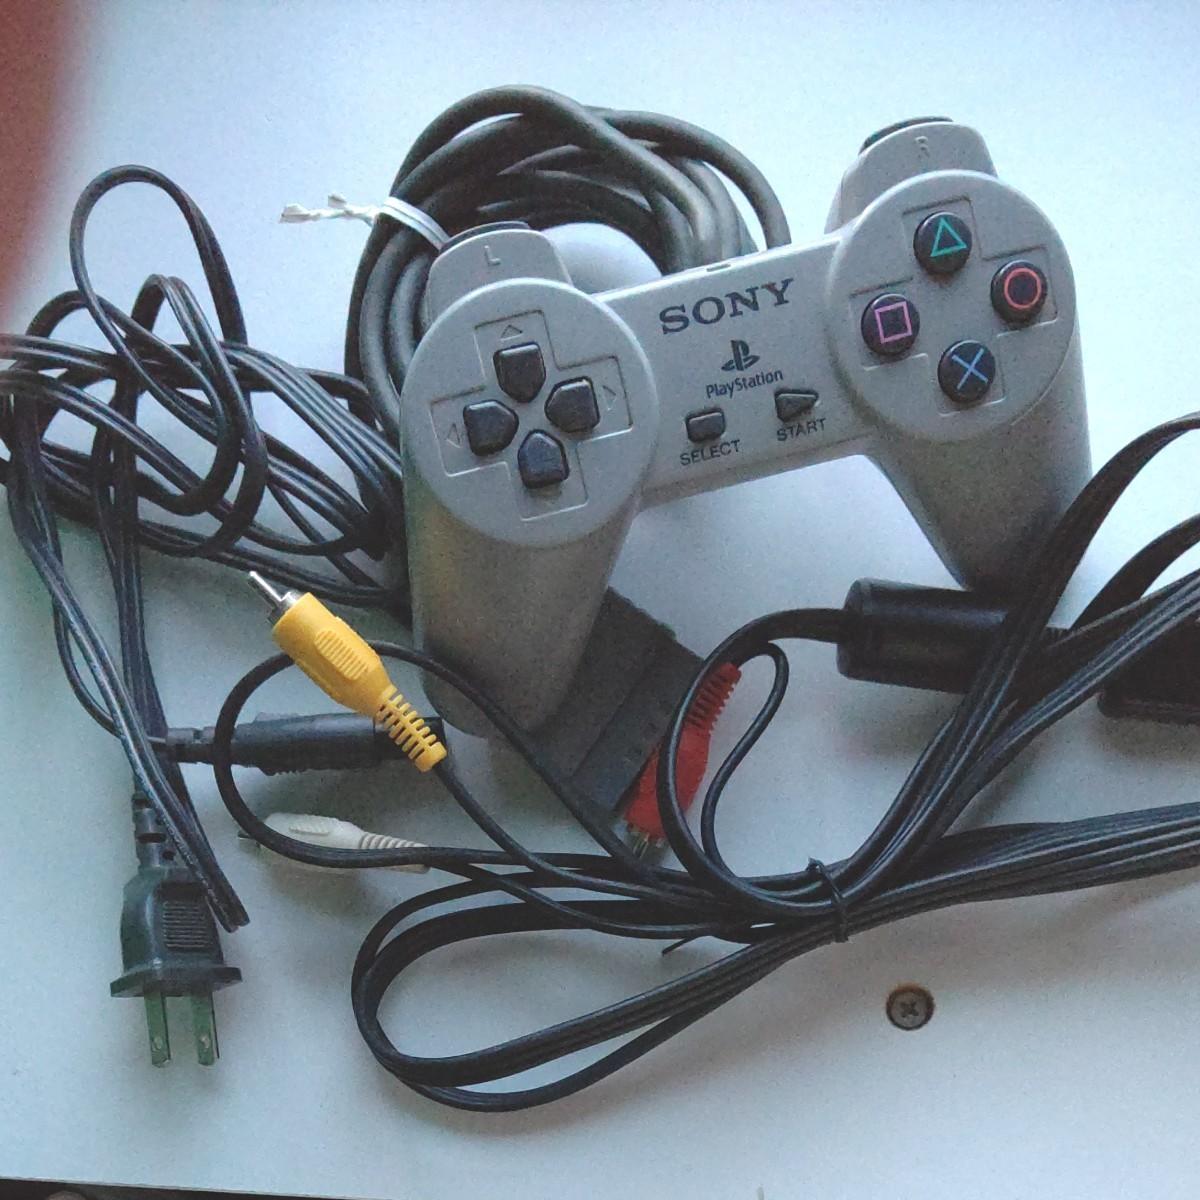 ★プレイステーション本体 (SCPH―5500) 一式 SONY PlayStation プレイステーション ジャンク品扱い